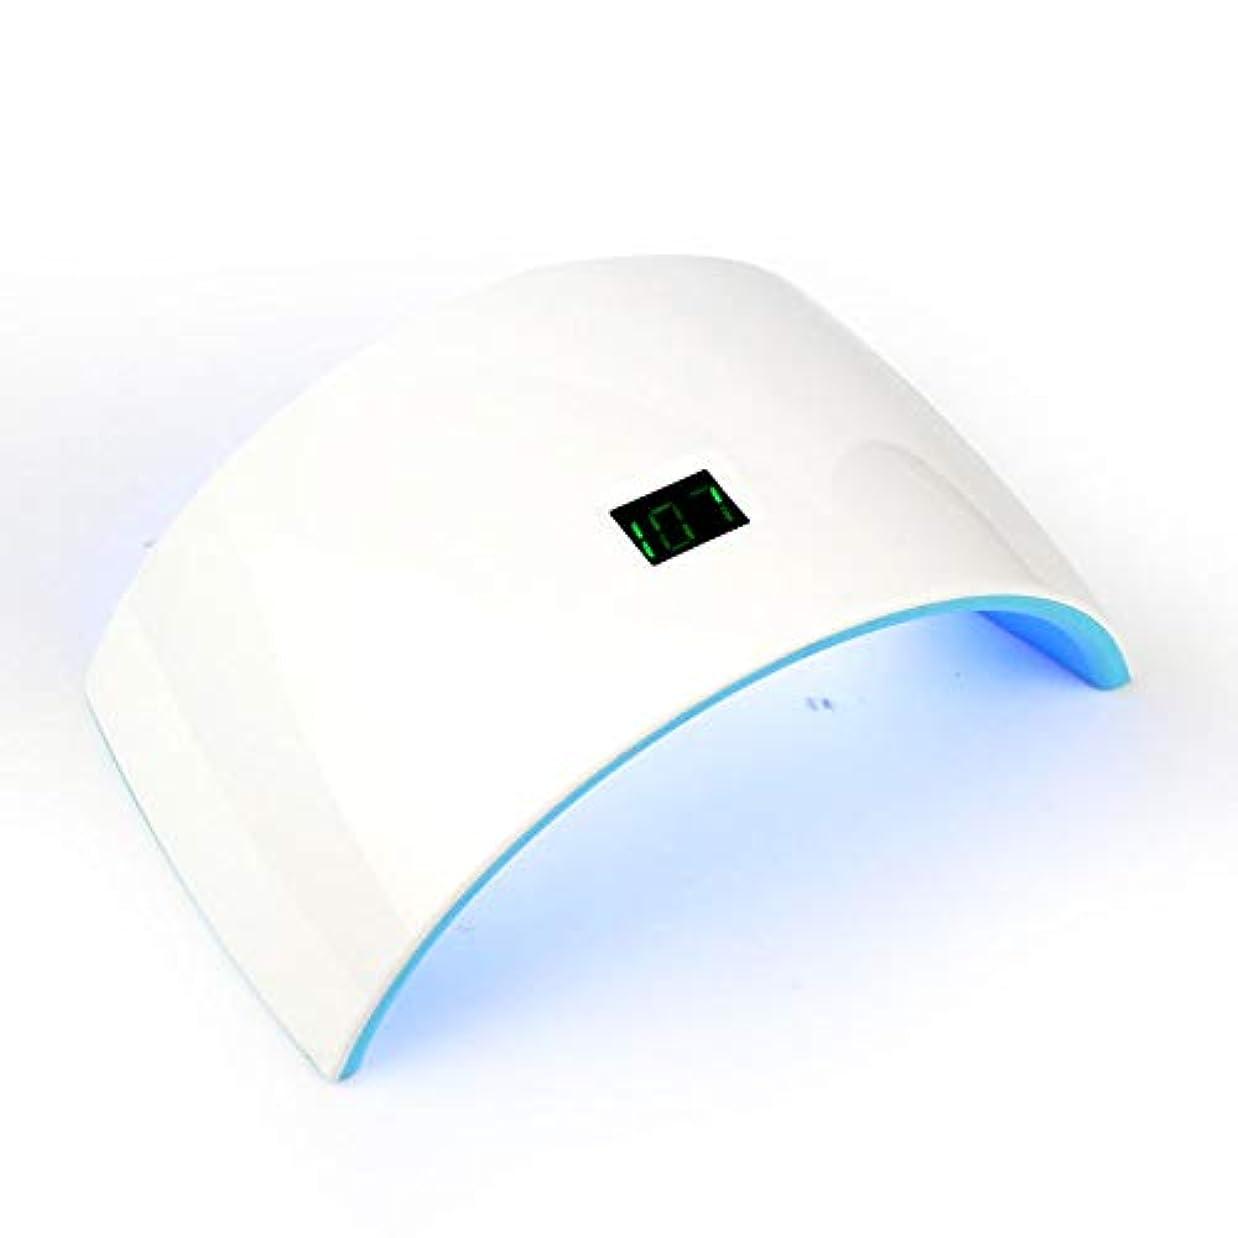 変換ダウンタウンナラーバーボタン療法のない導かれた光線療法の釘機械30W作り付けのリチウム電池15ランプのビードの振動調節